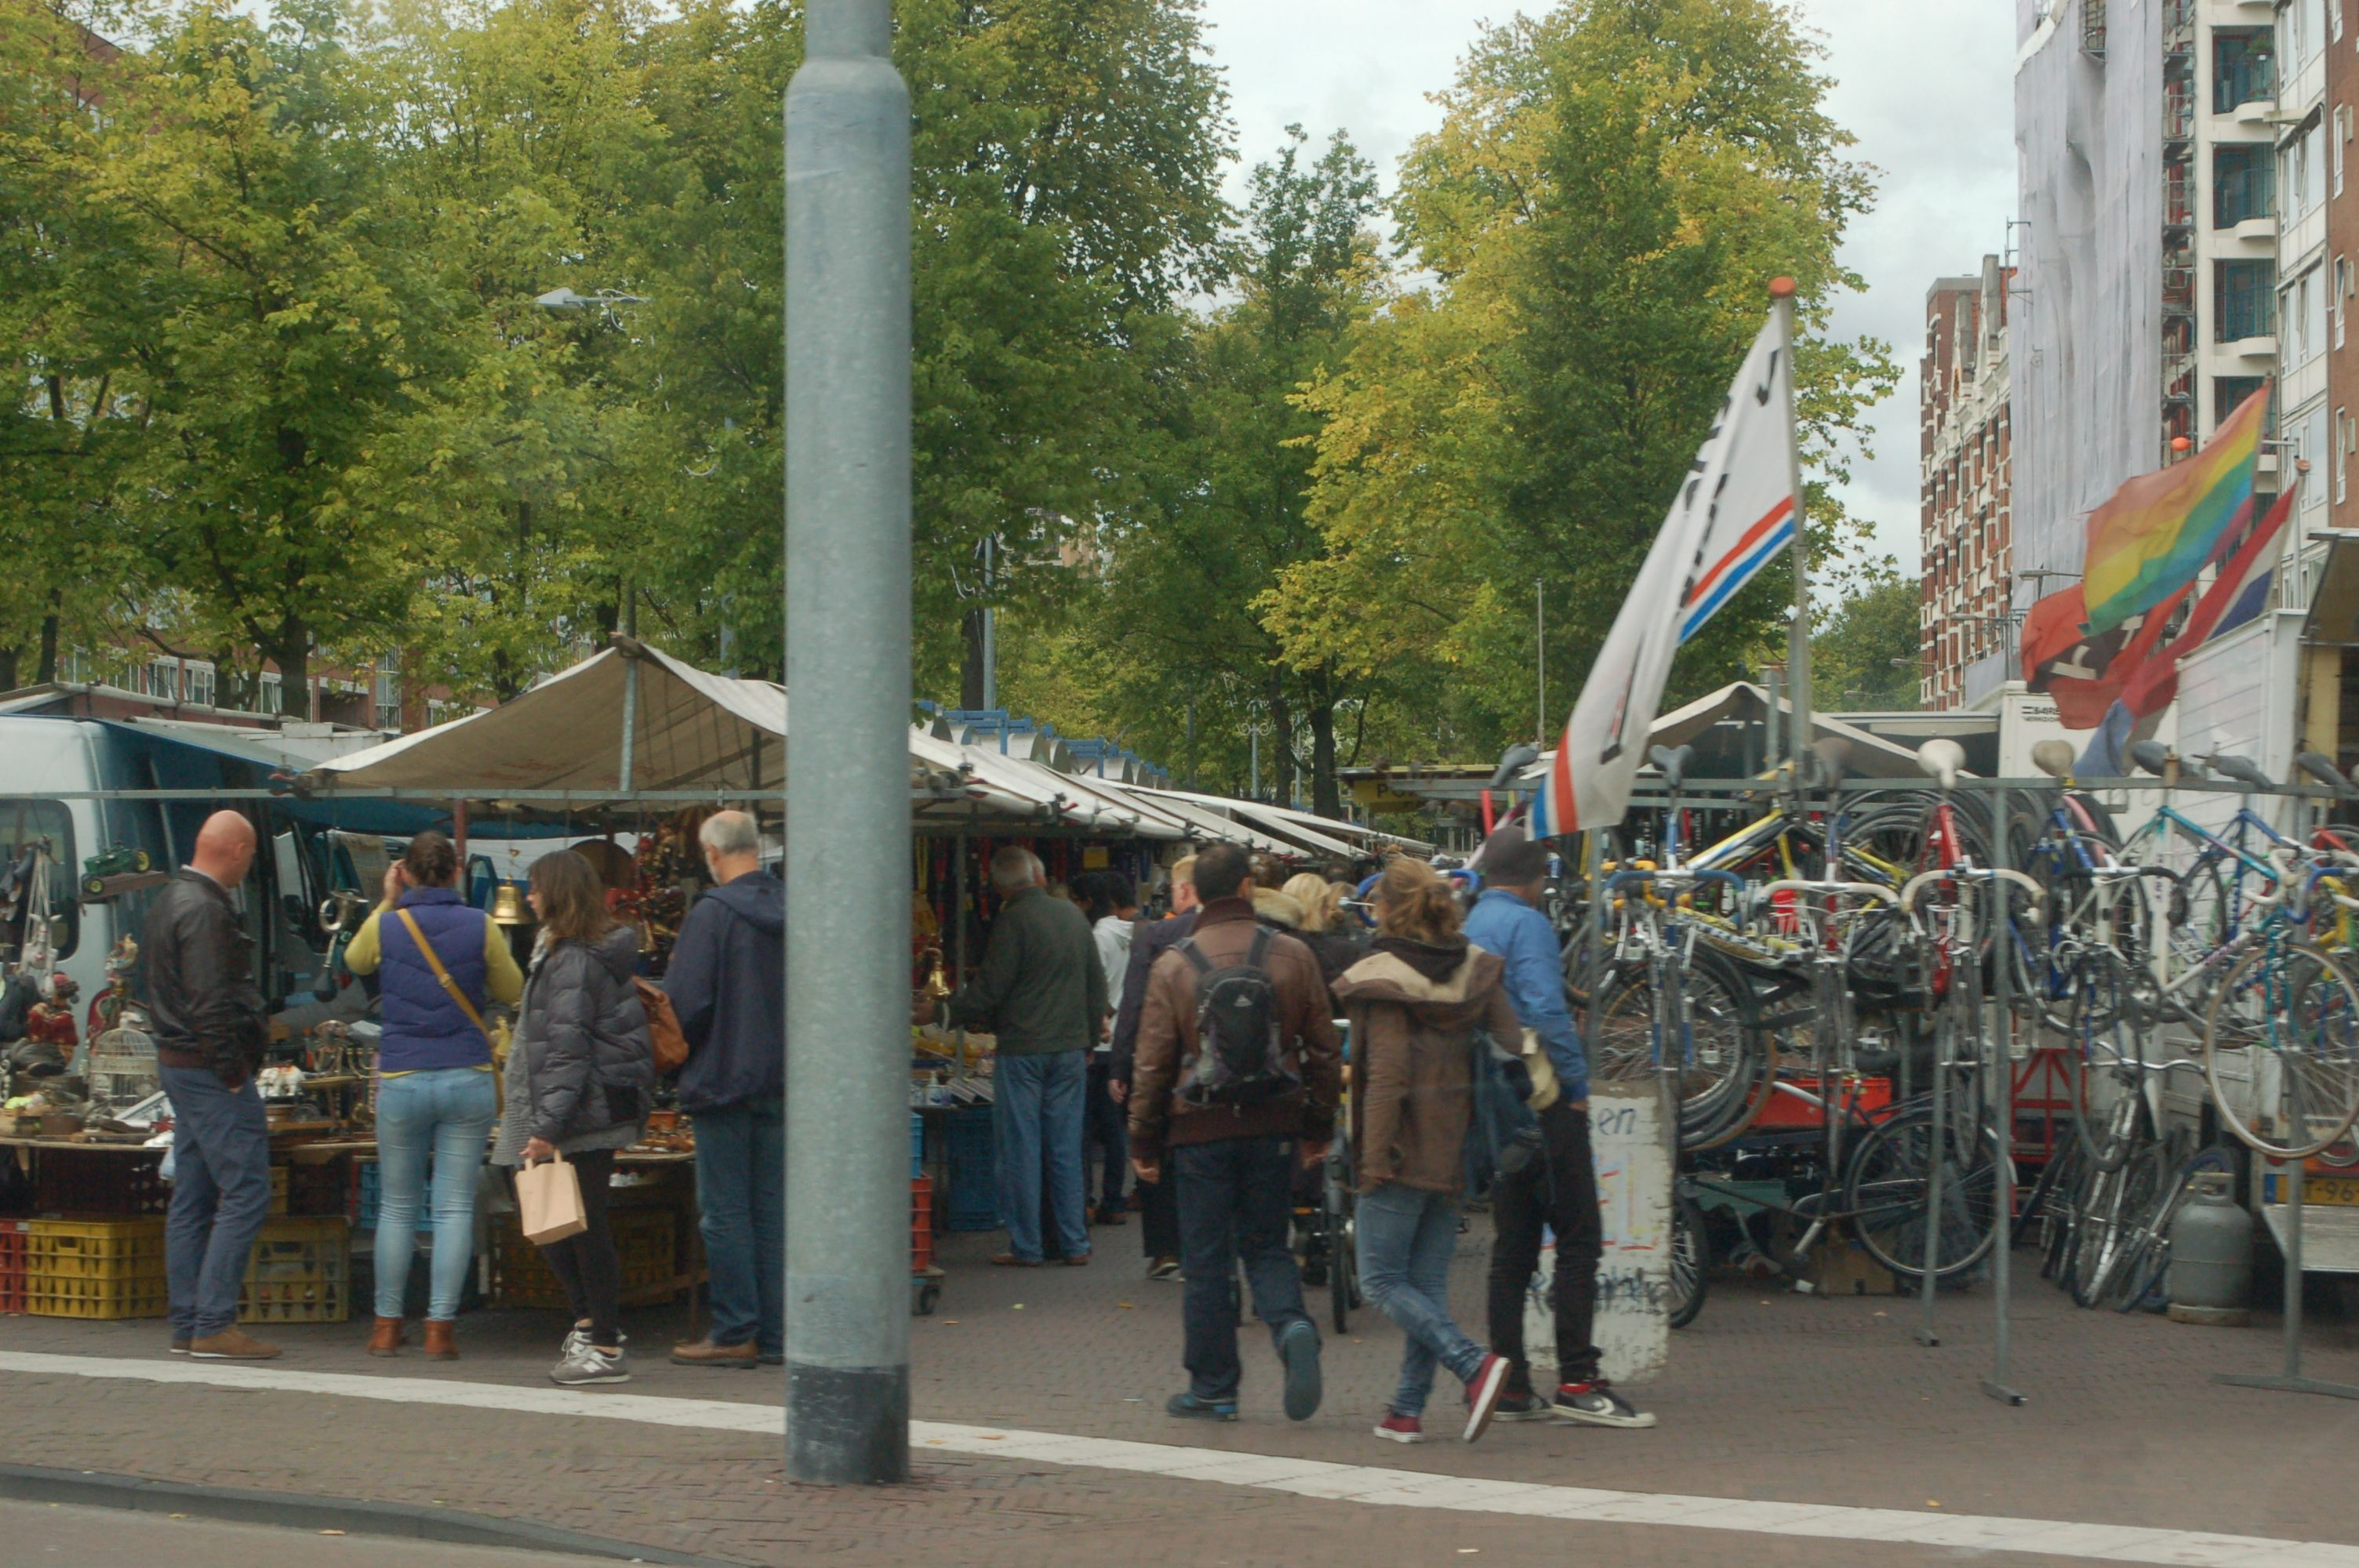 2014 Het Waterlooplein is een plein in het centrum van Amsterdam. Het is vernoemd naar de Slag bij Waterloo.  Het oude plein ontstond toen in 1882 de Leprozengracht en de Houtgracht werden gedempt en ligt in het District Groot Waterloo. Het schilderij hiernaast toont de situatie in 1880 #Amsterdam #markt